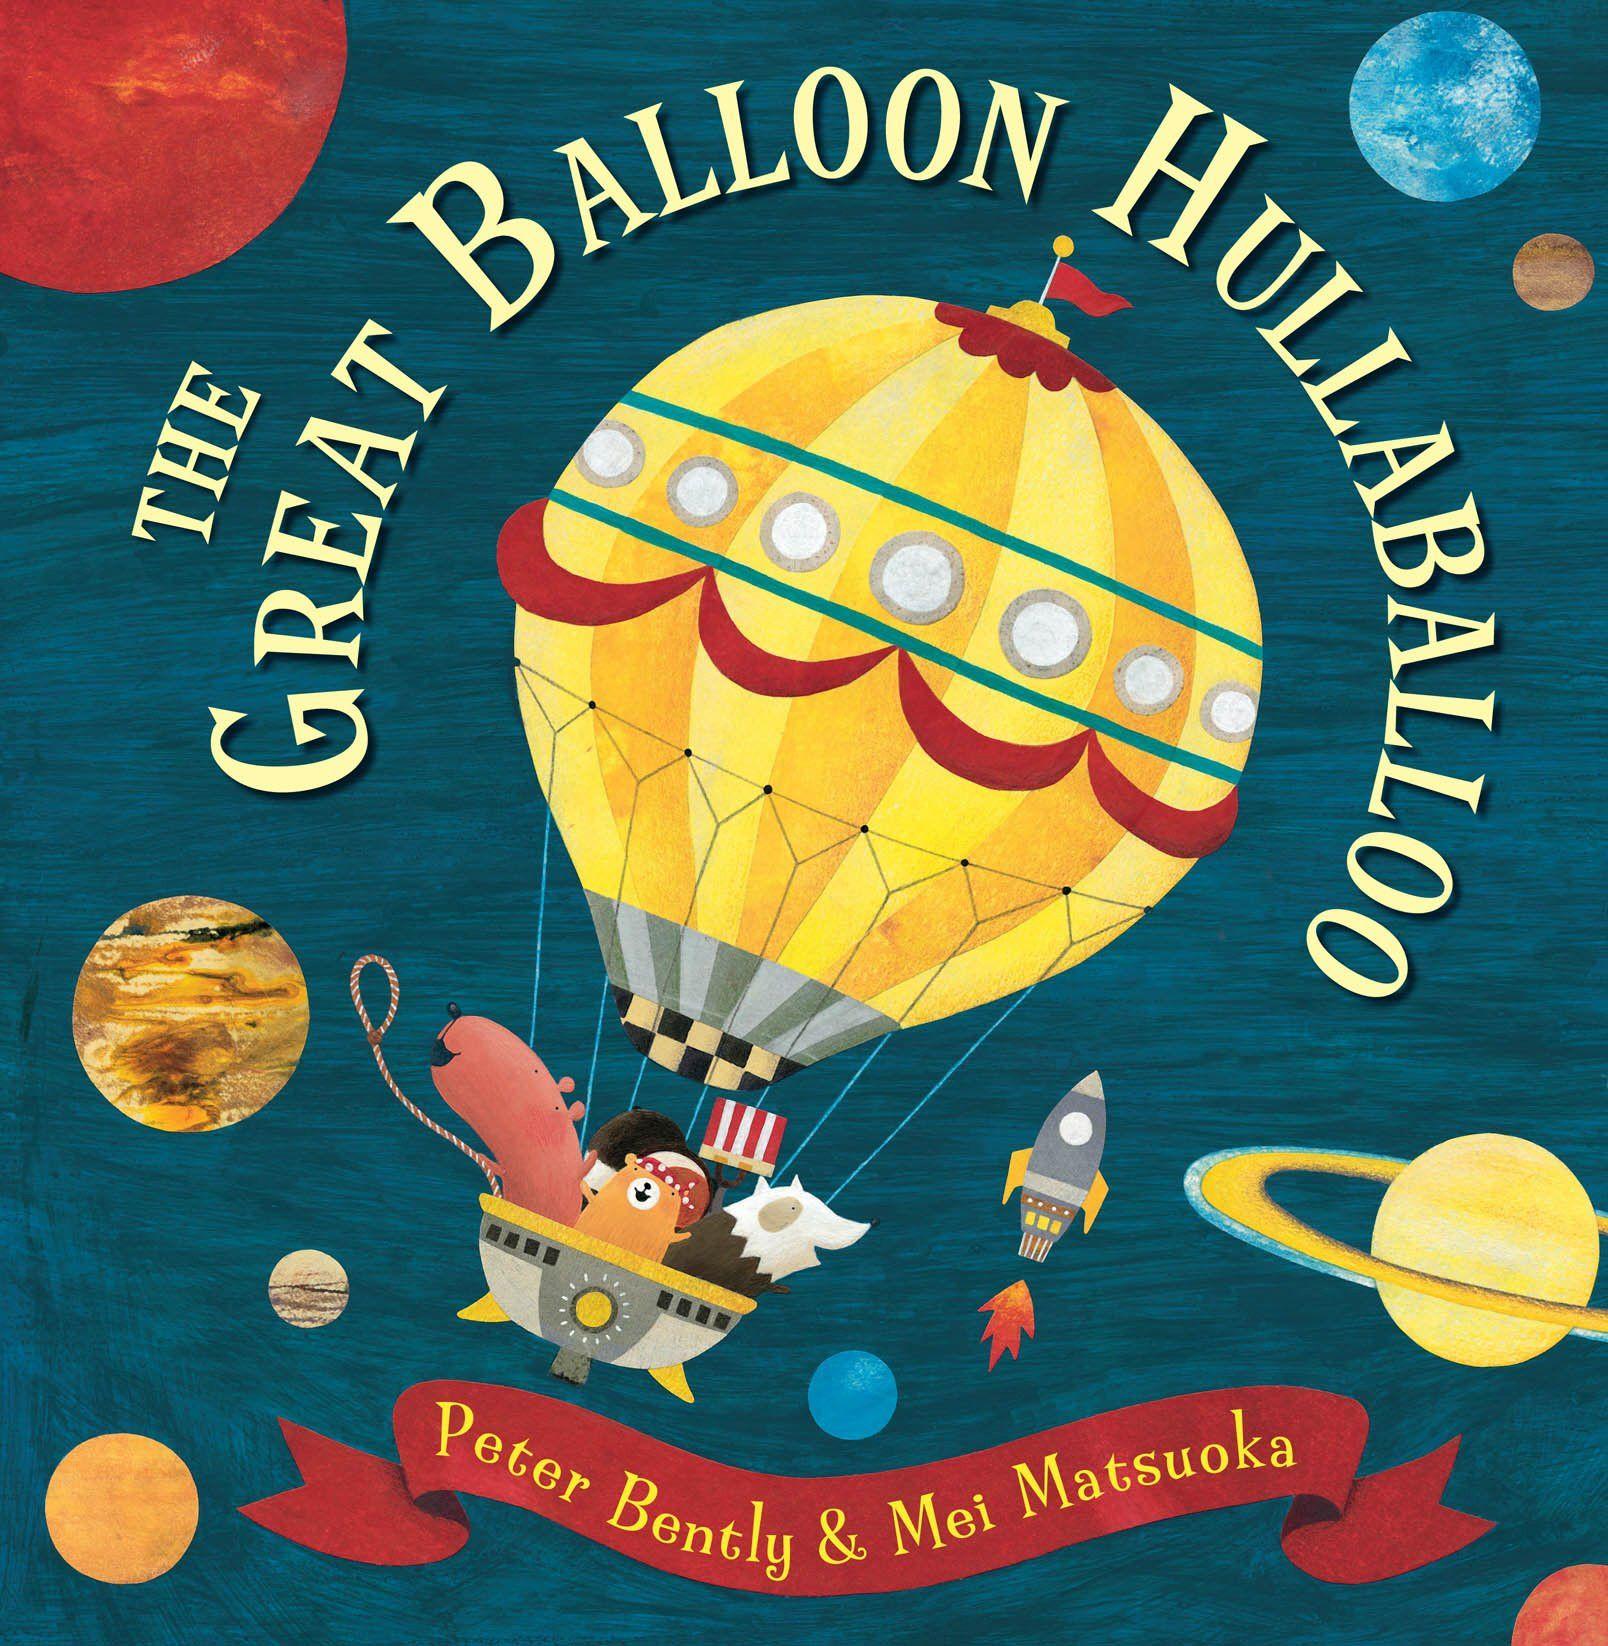 The Great Balloon Hullaballoo Peter Bently Hot air